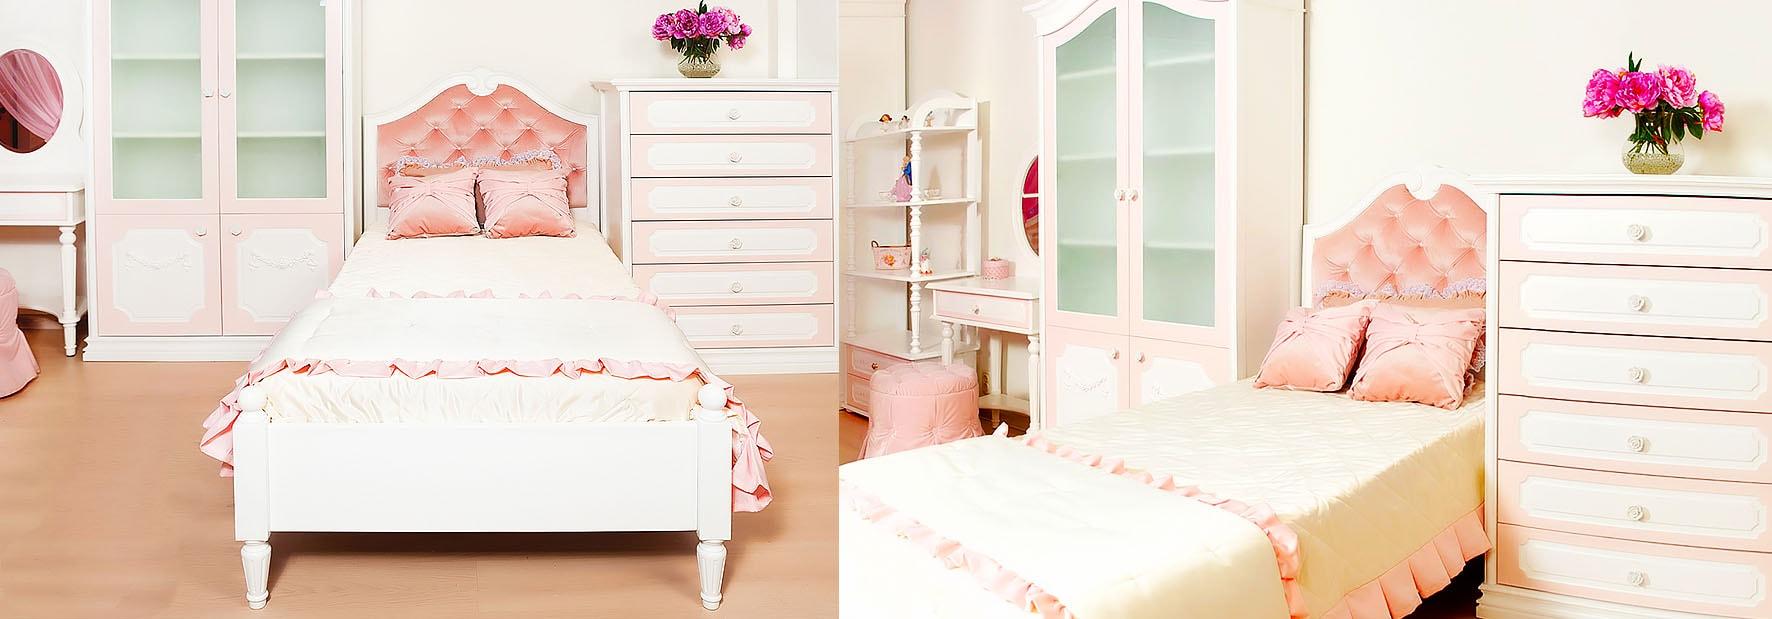 Angelic room фабрика мебели